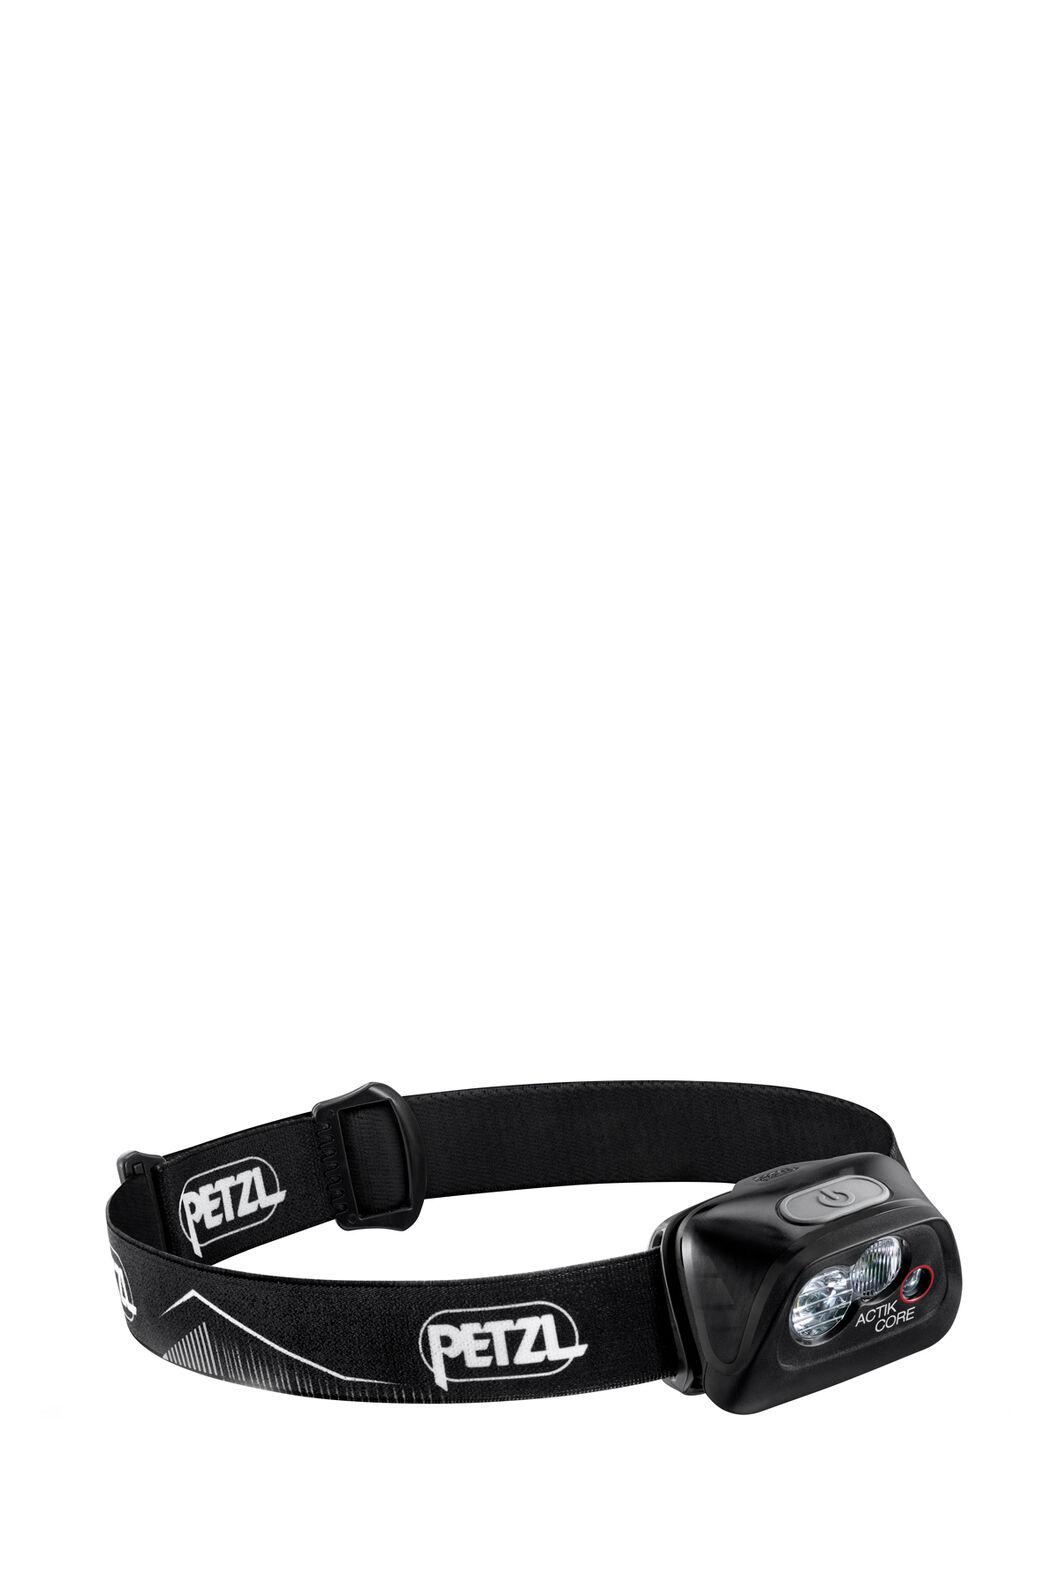 Petzl Actik Core Head Torch, Black, hi-res